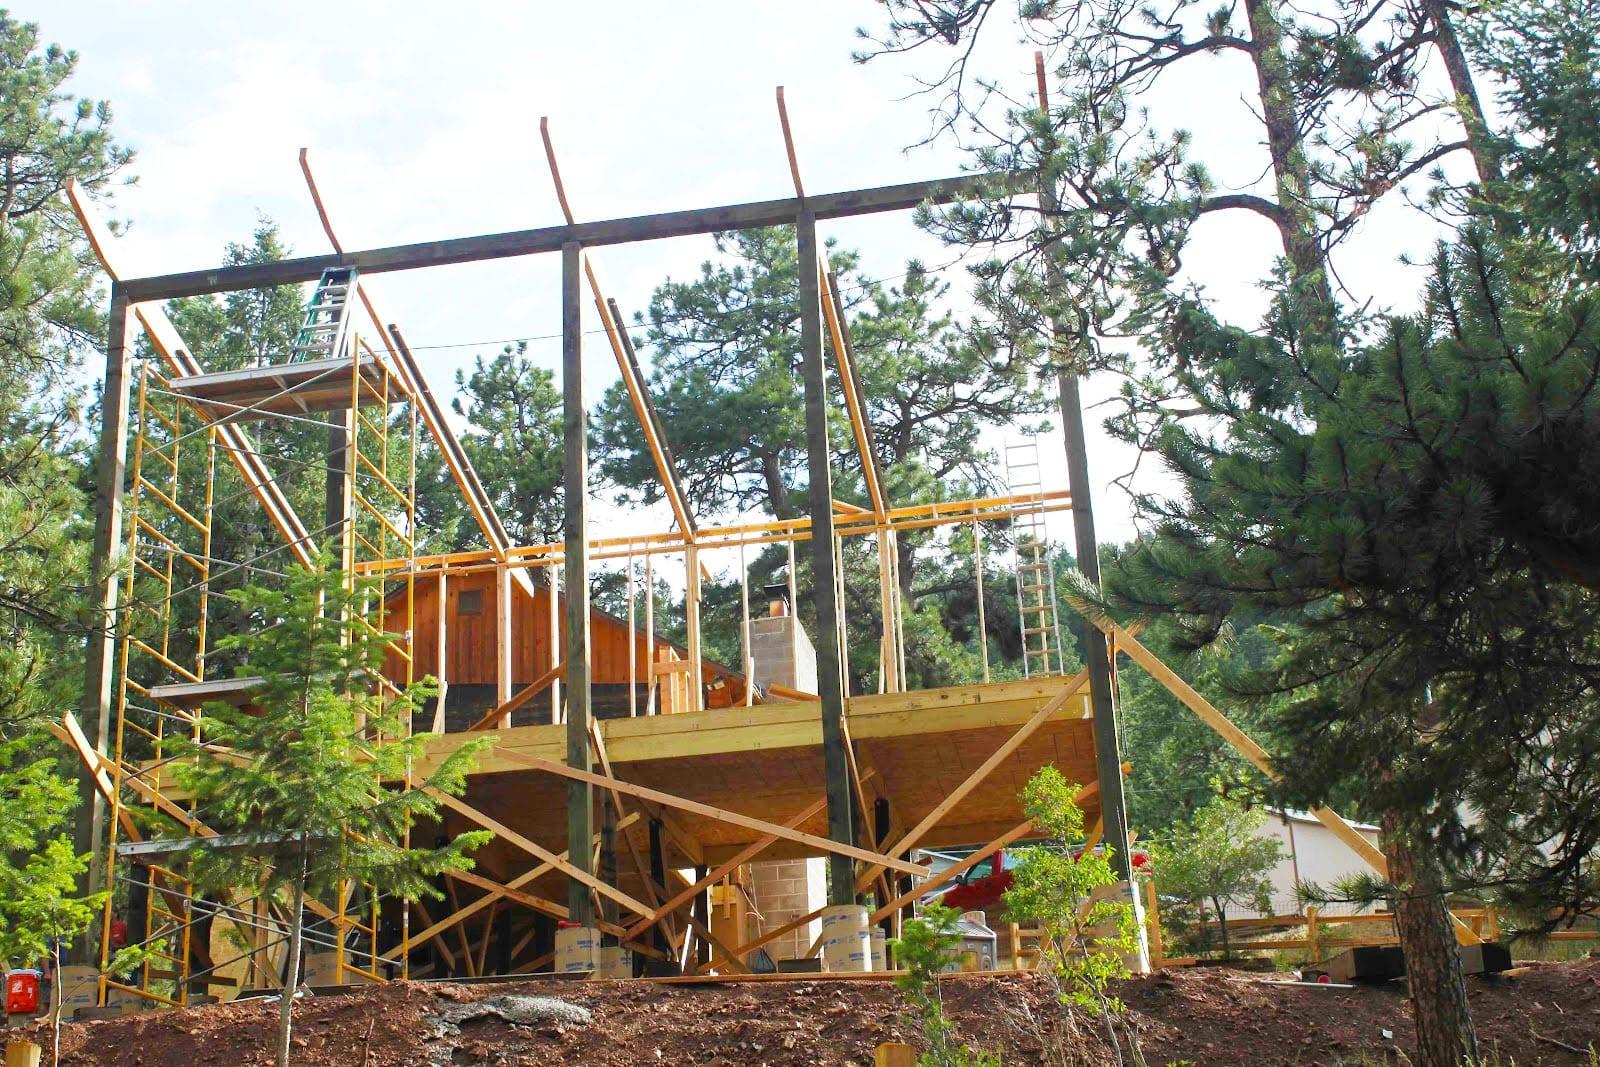 23416-Navajo-In-Construction-9